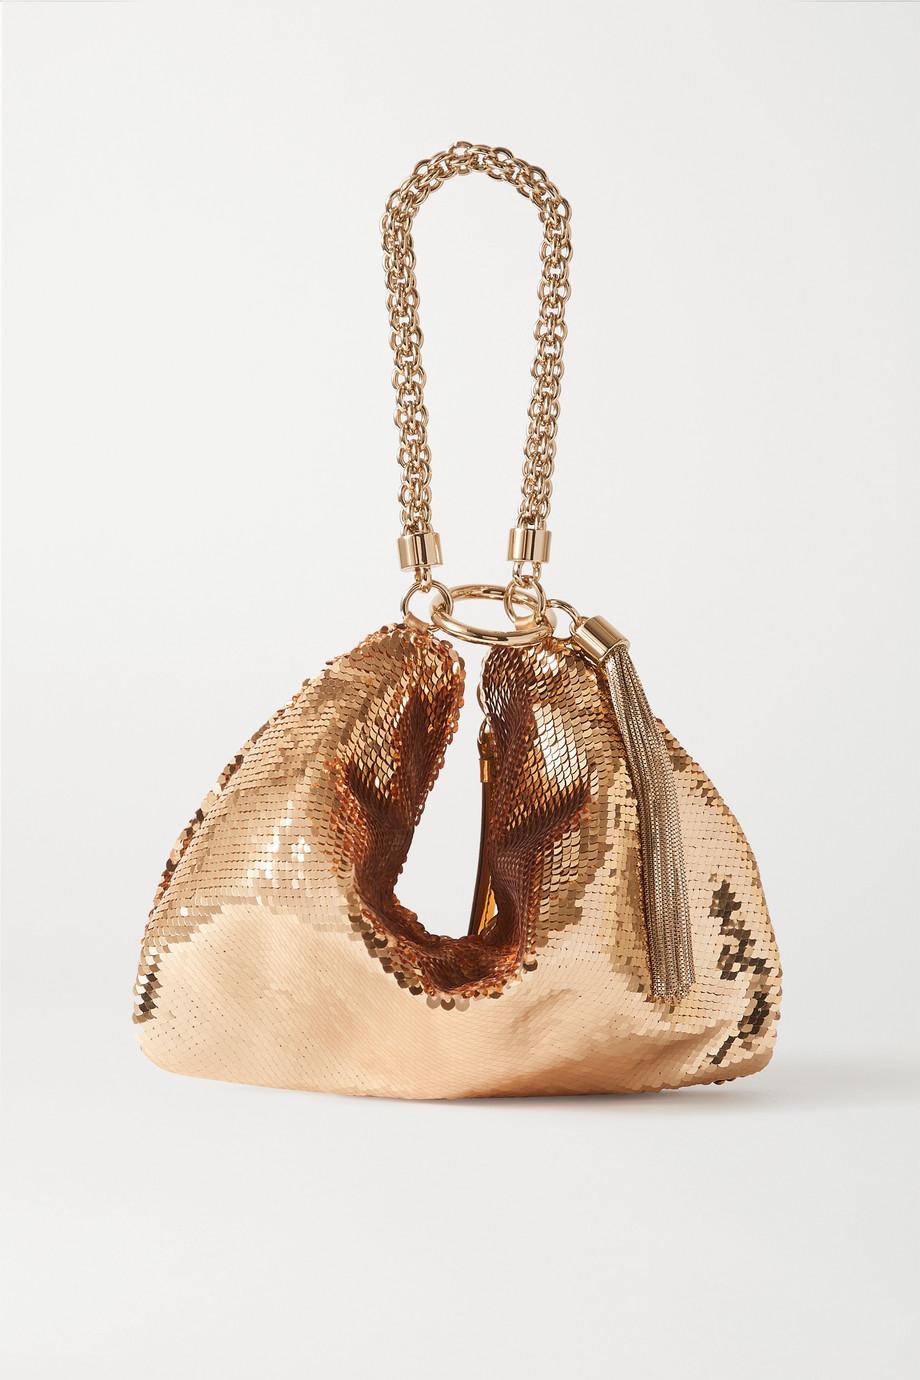 Jimmy Choo Callie tasseled sequined satin shoulder bag